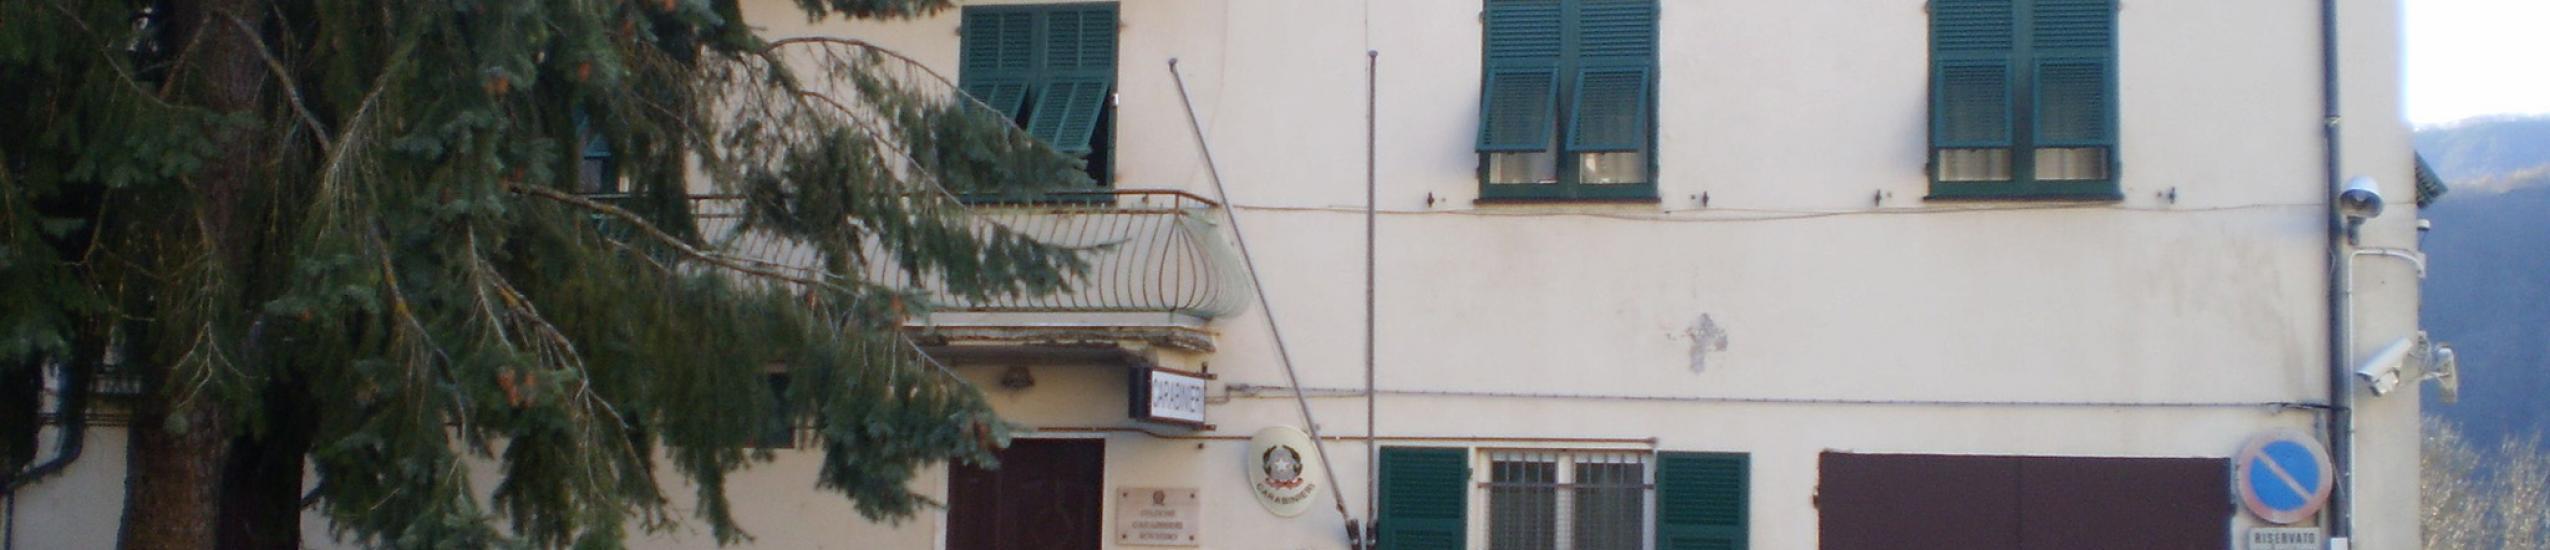 Caserma dei Carabinieri di Rovegno